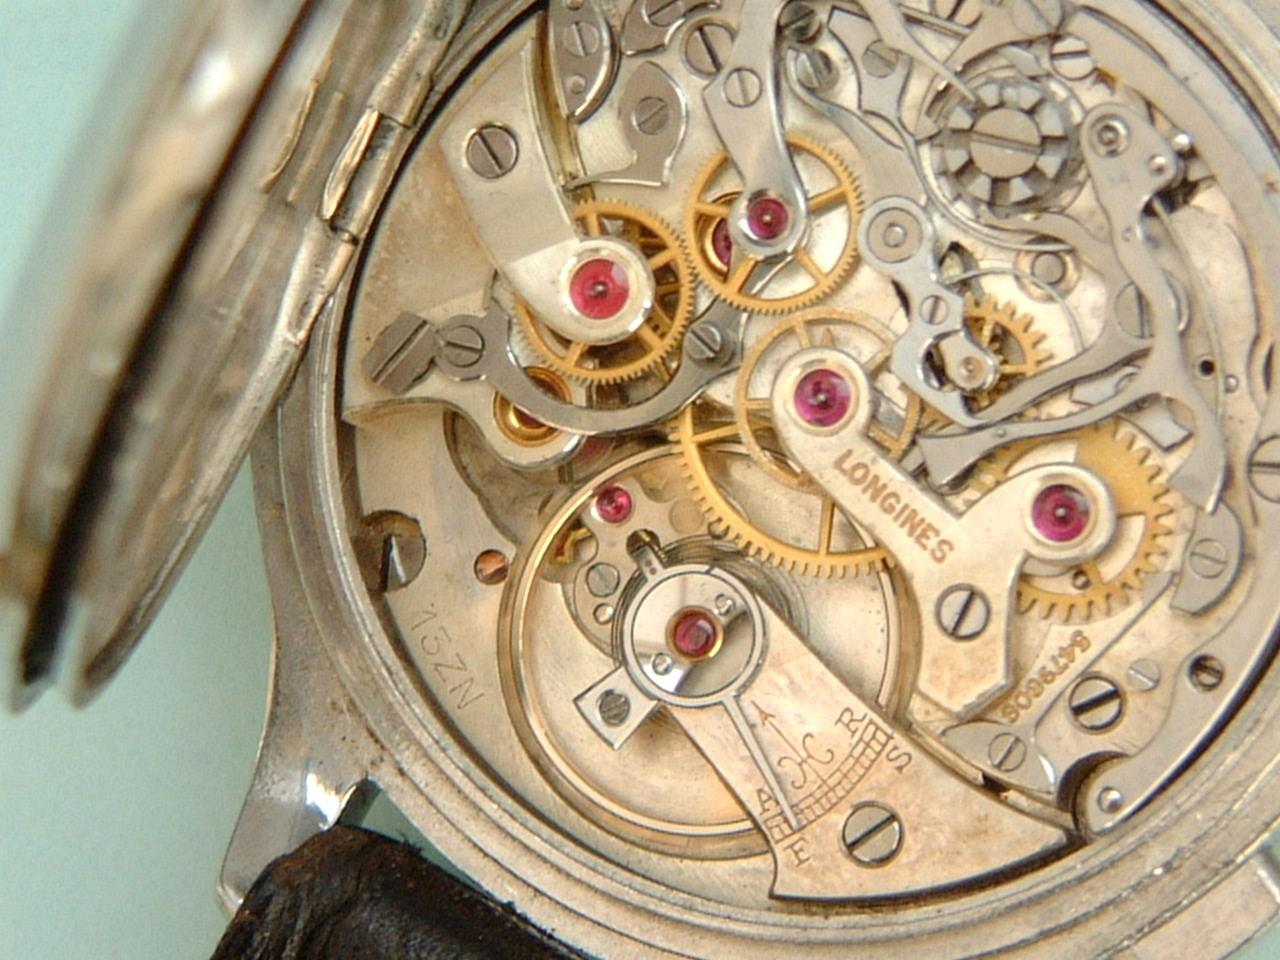 Máy đồng hồ ETA - đại diện sáng giá của Thụy Sỹ